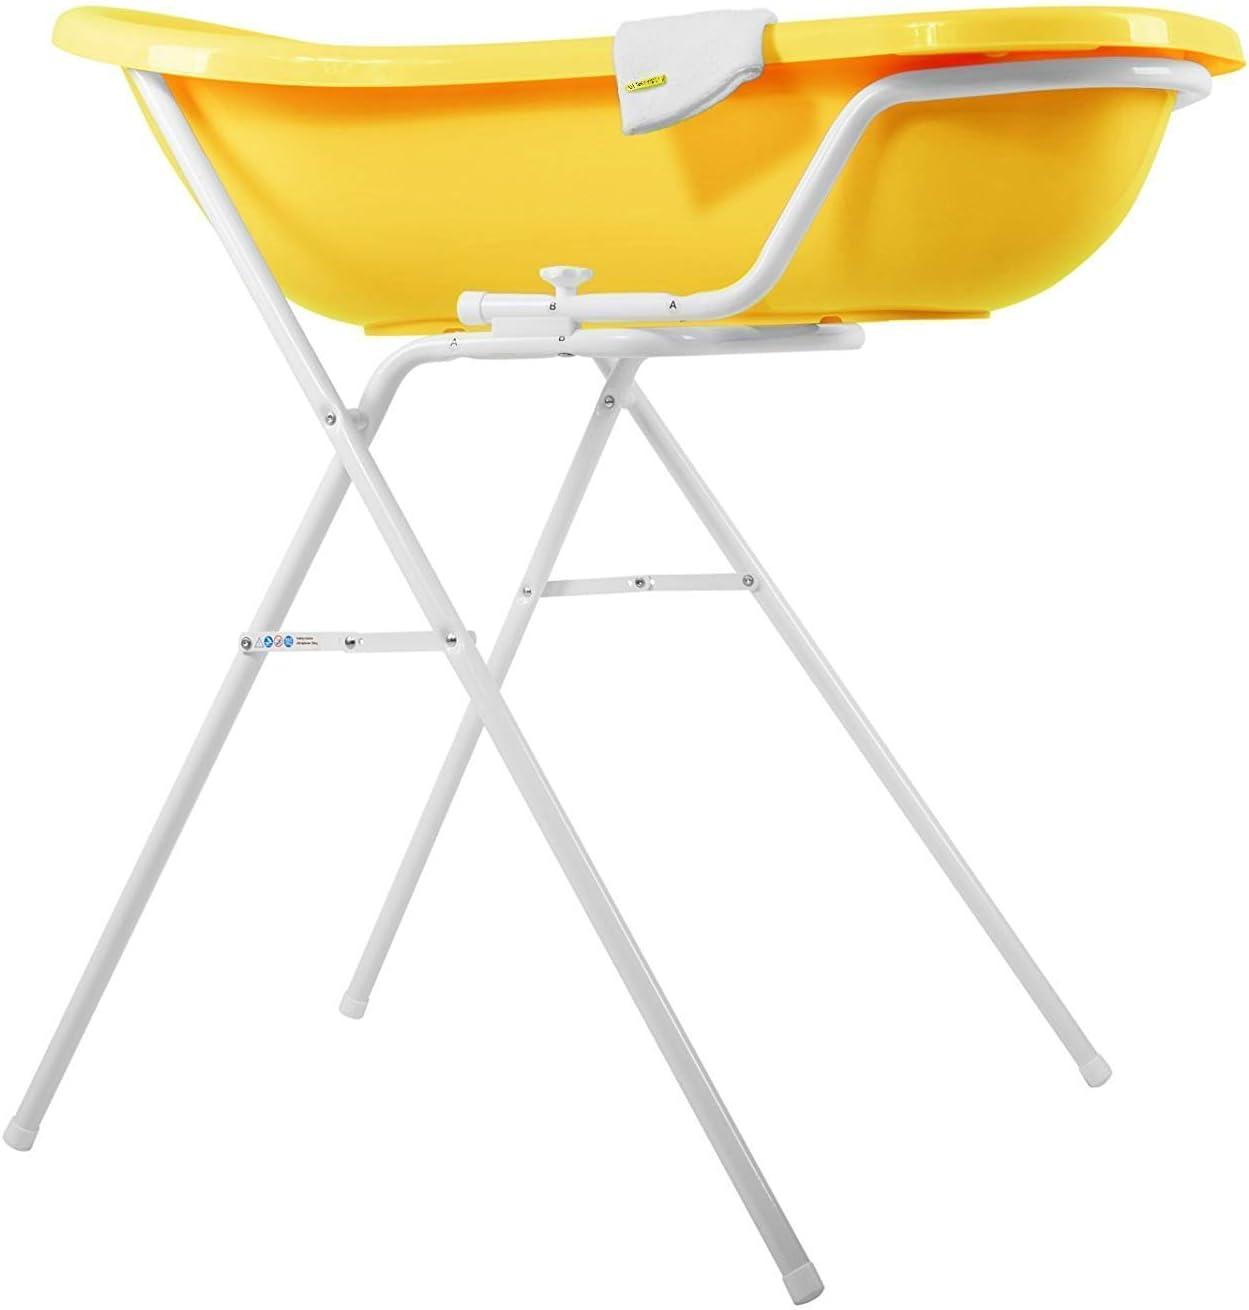 Grass Green Stand and Wash Mitt Funny Farm XXL Baby Bath Tub 100 cm